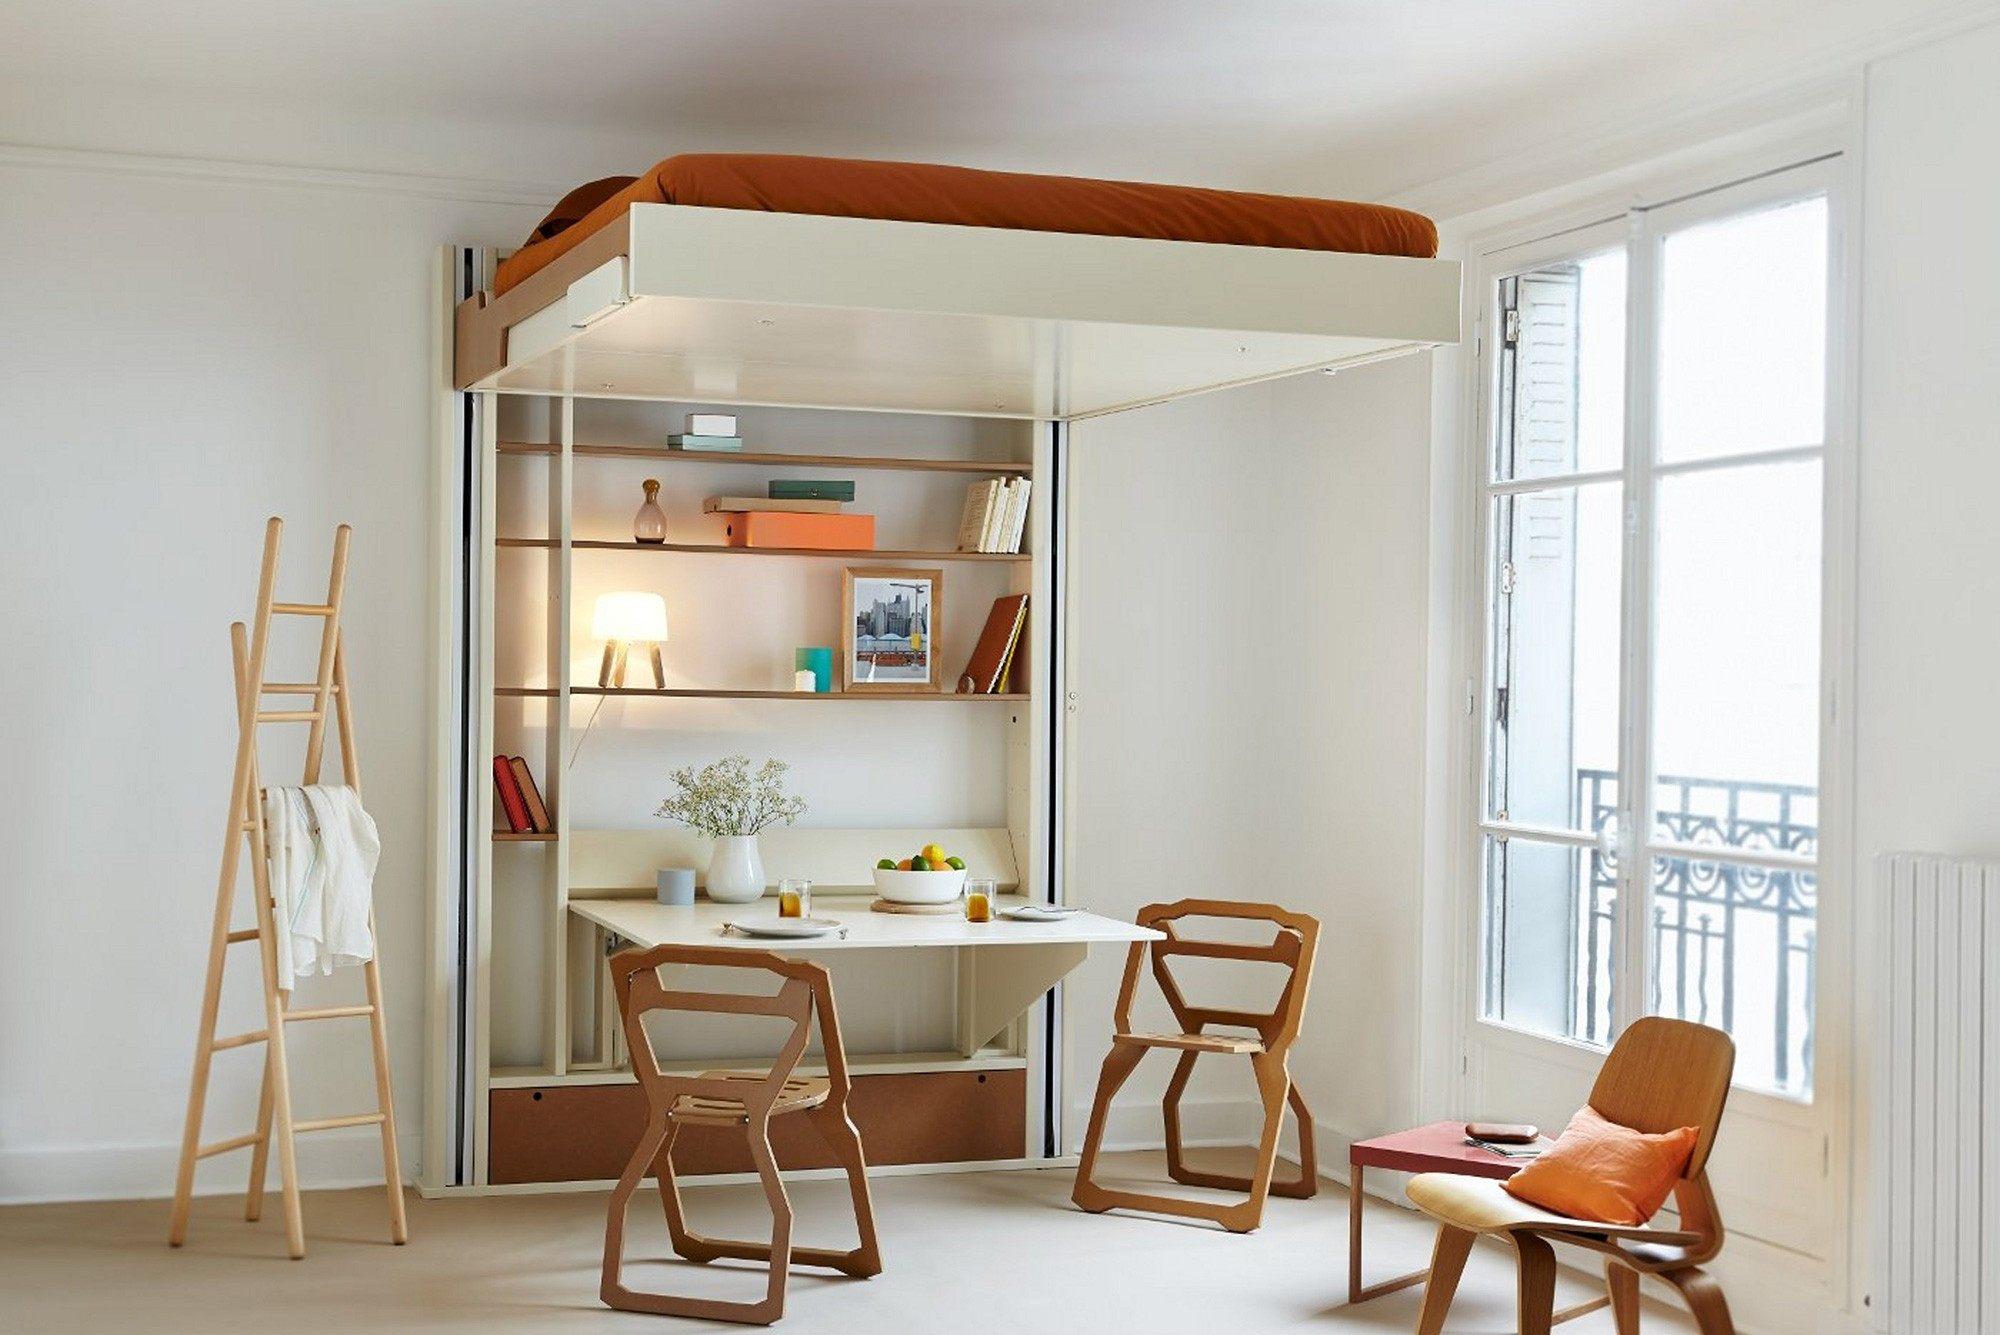 Fly Lit Mezzanine Nouveau Fascinant Lit Armoire 2 Places Dans Lit Mezzanine 2 Places Fly Lit